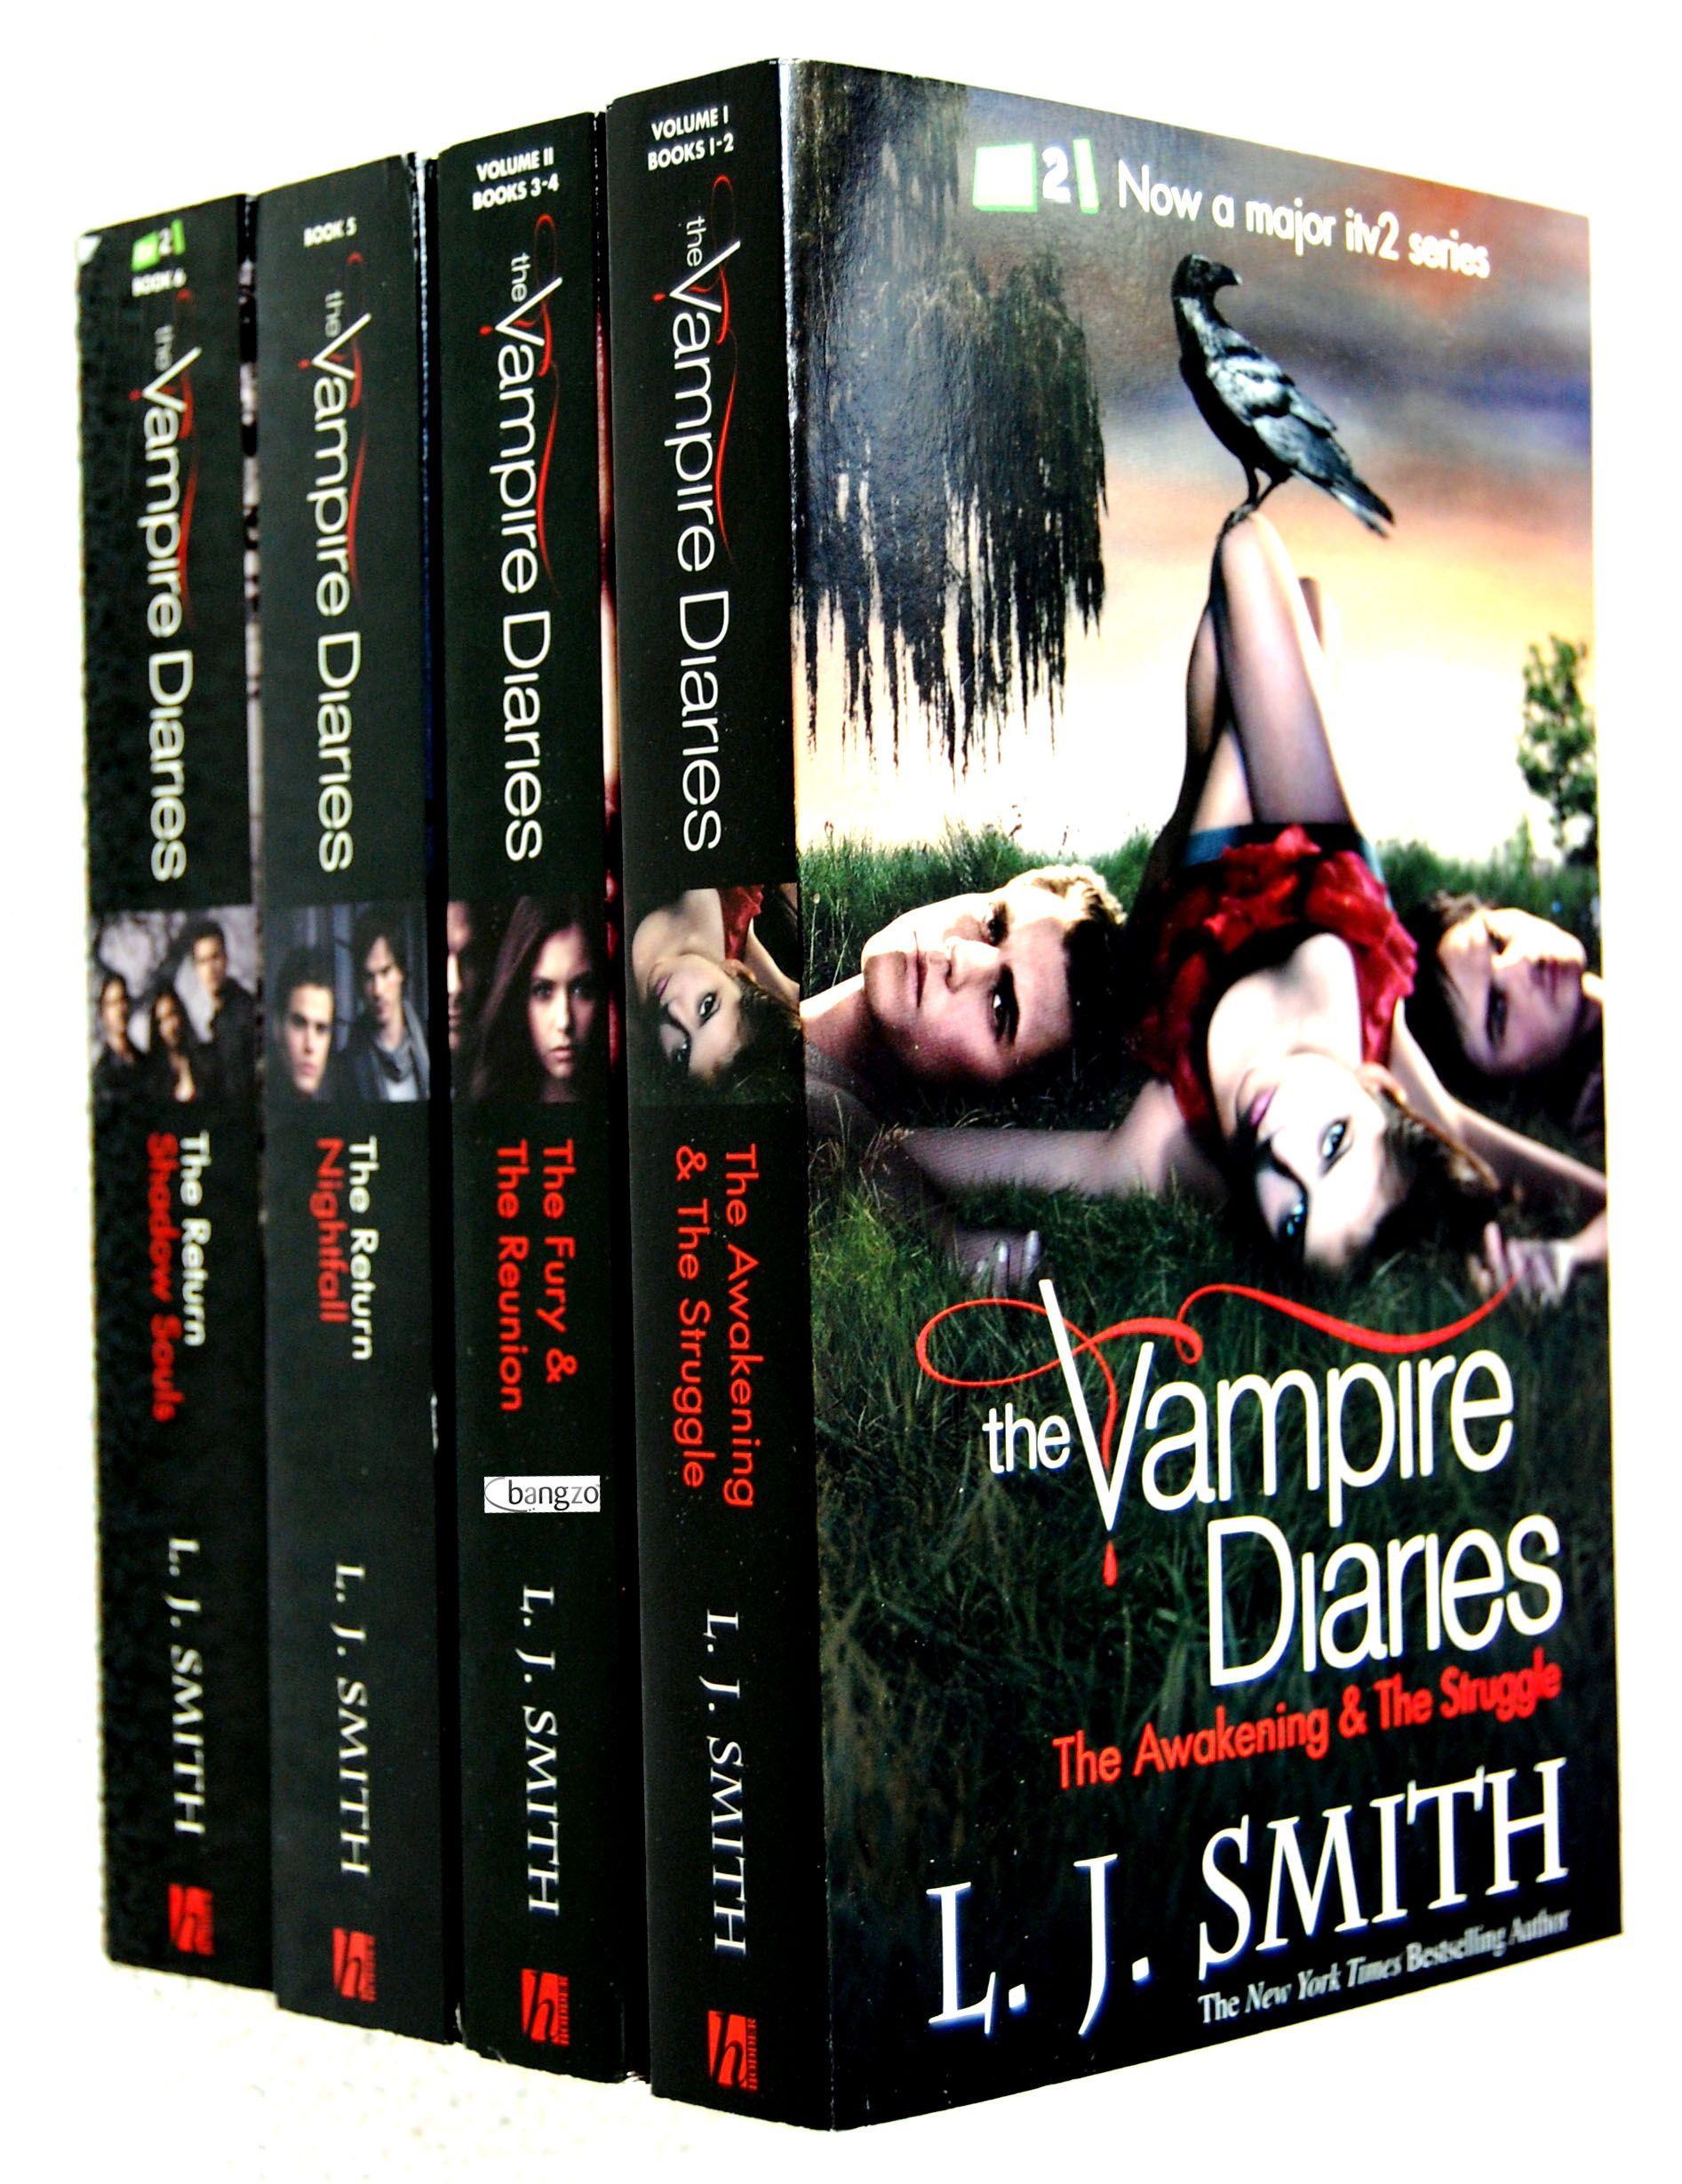 The Vampire Diaries Vampire Diaries Books Vampire Books Vampire Diaries Book Series